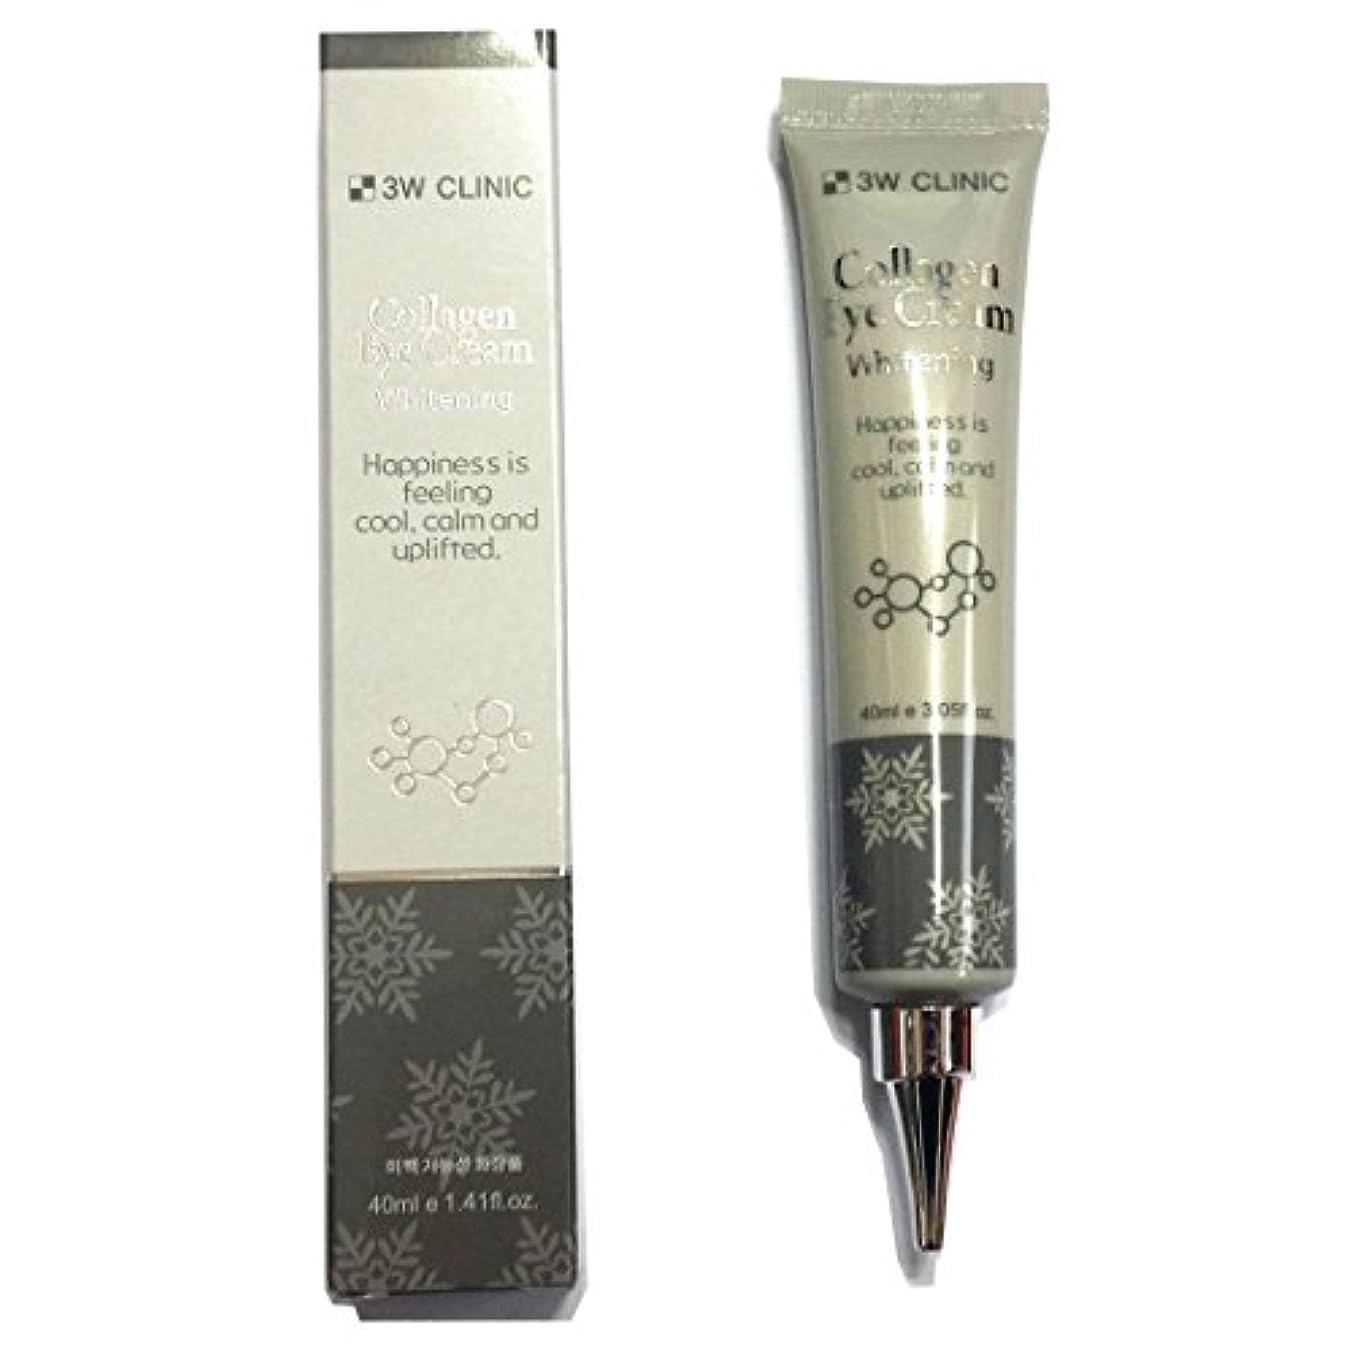 すなわち長さアクション[3W CLINIC] コラーゲンアイクリームホワイトニング40ml X 1ea / Collagen Eye Cream Whitening 40ml X 1ea / しっとりしっとり / Anti wrinkles,...